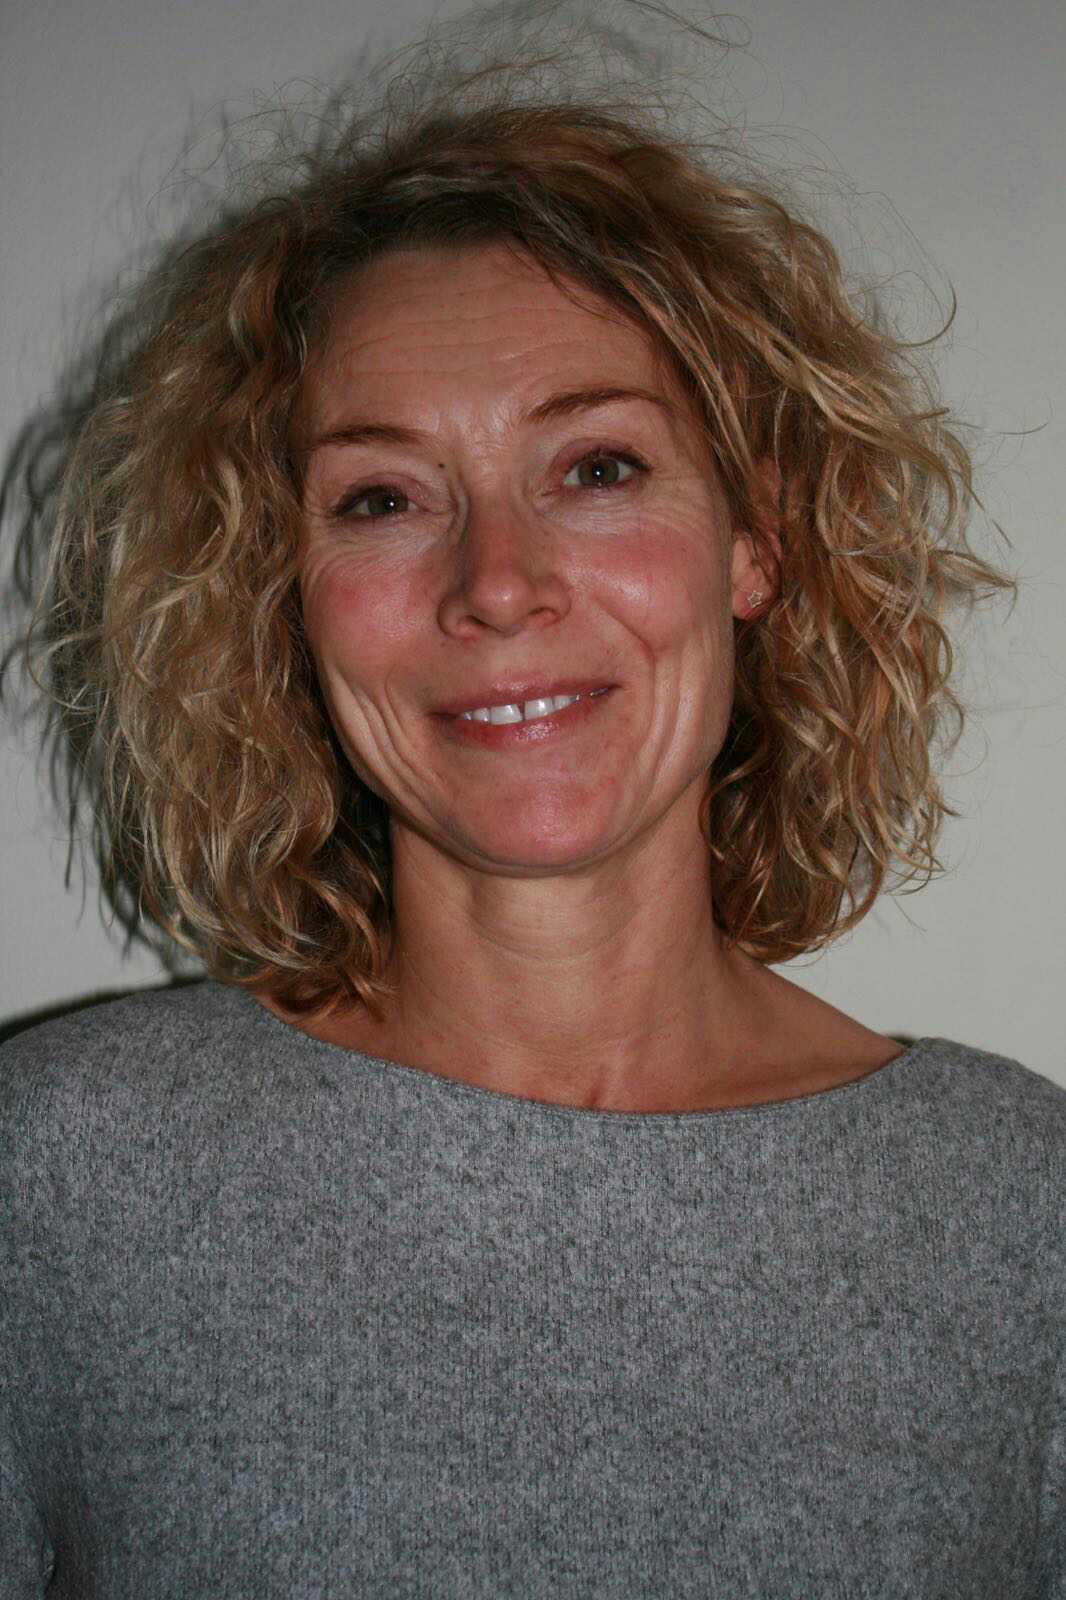 Marieke van den Boomen